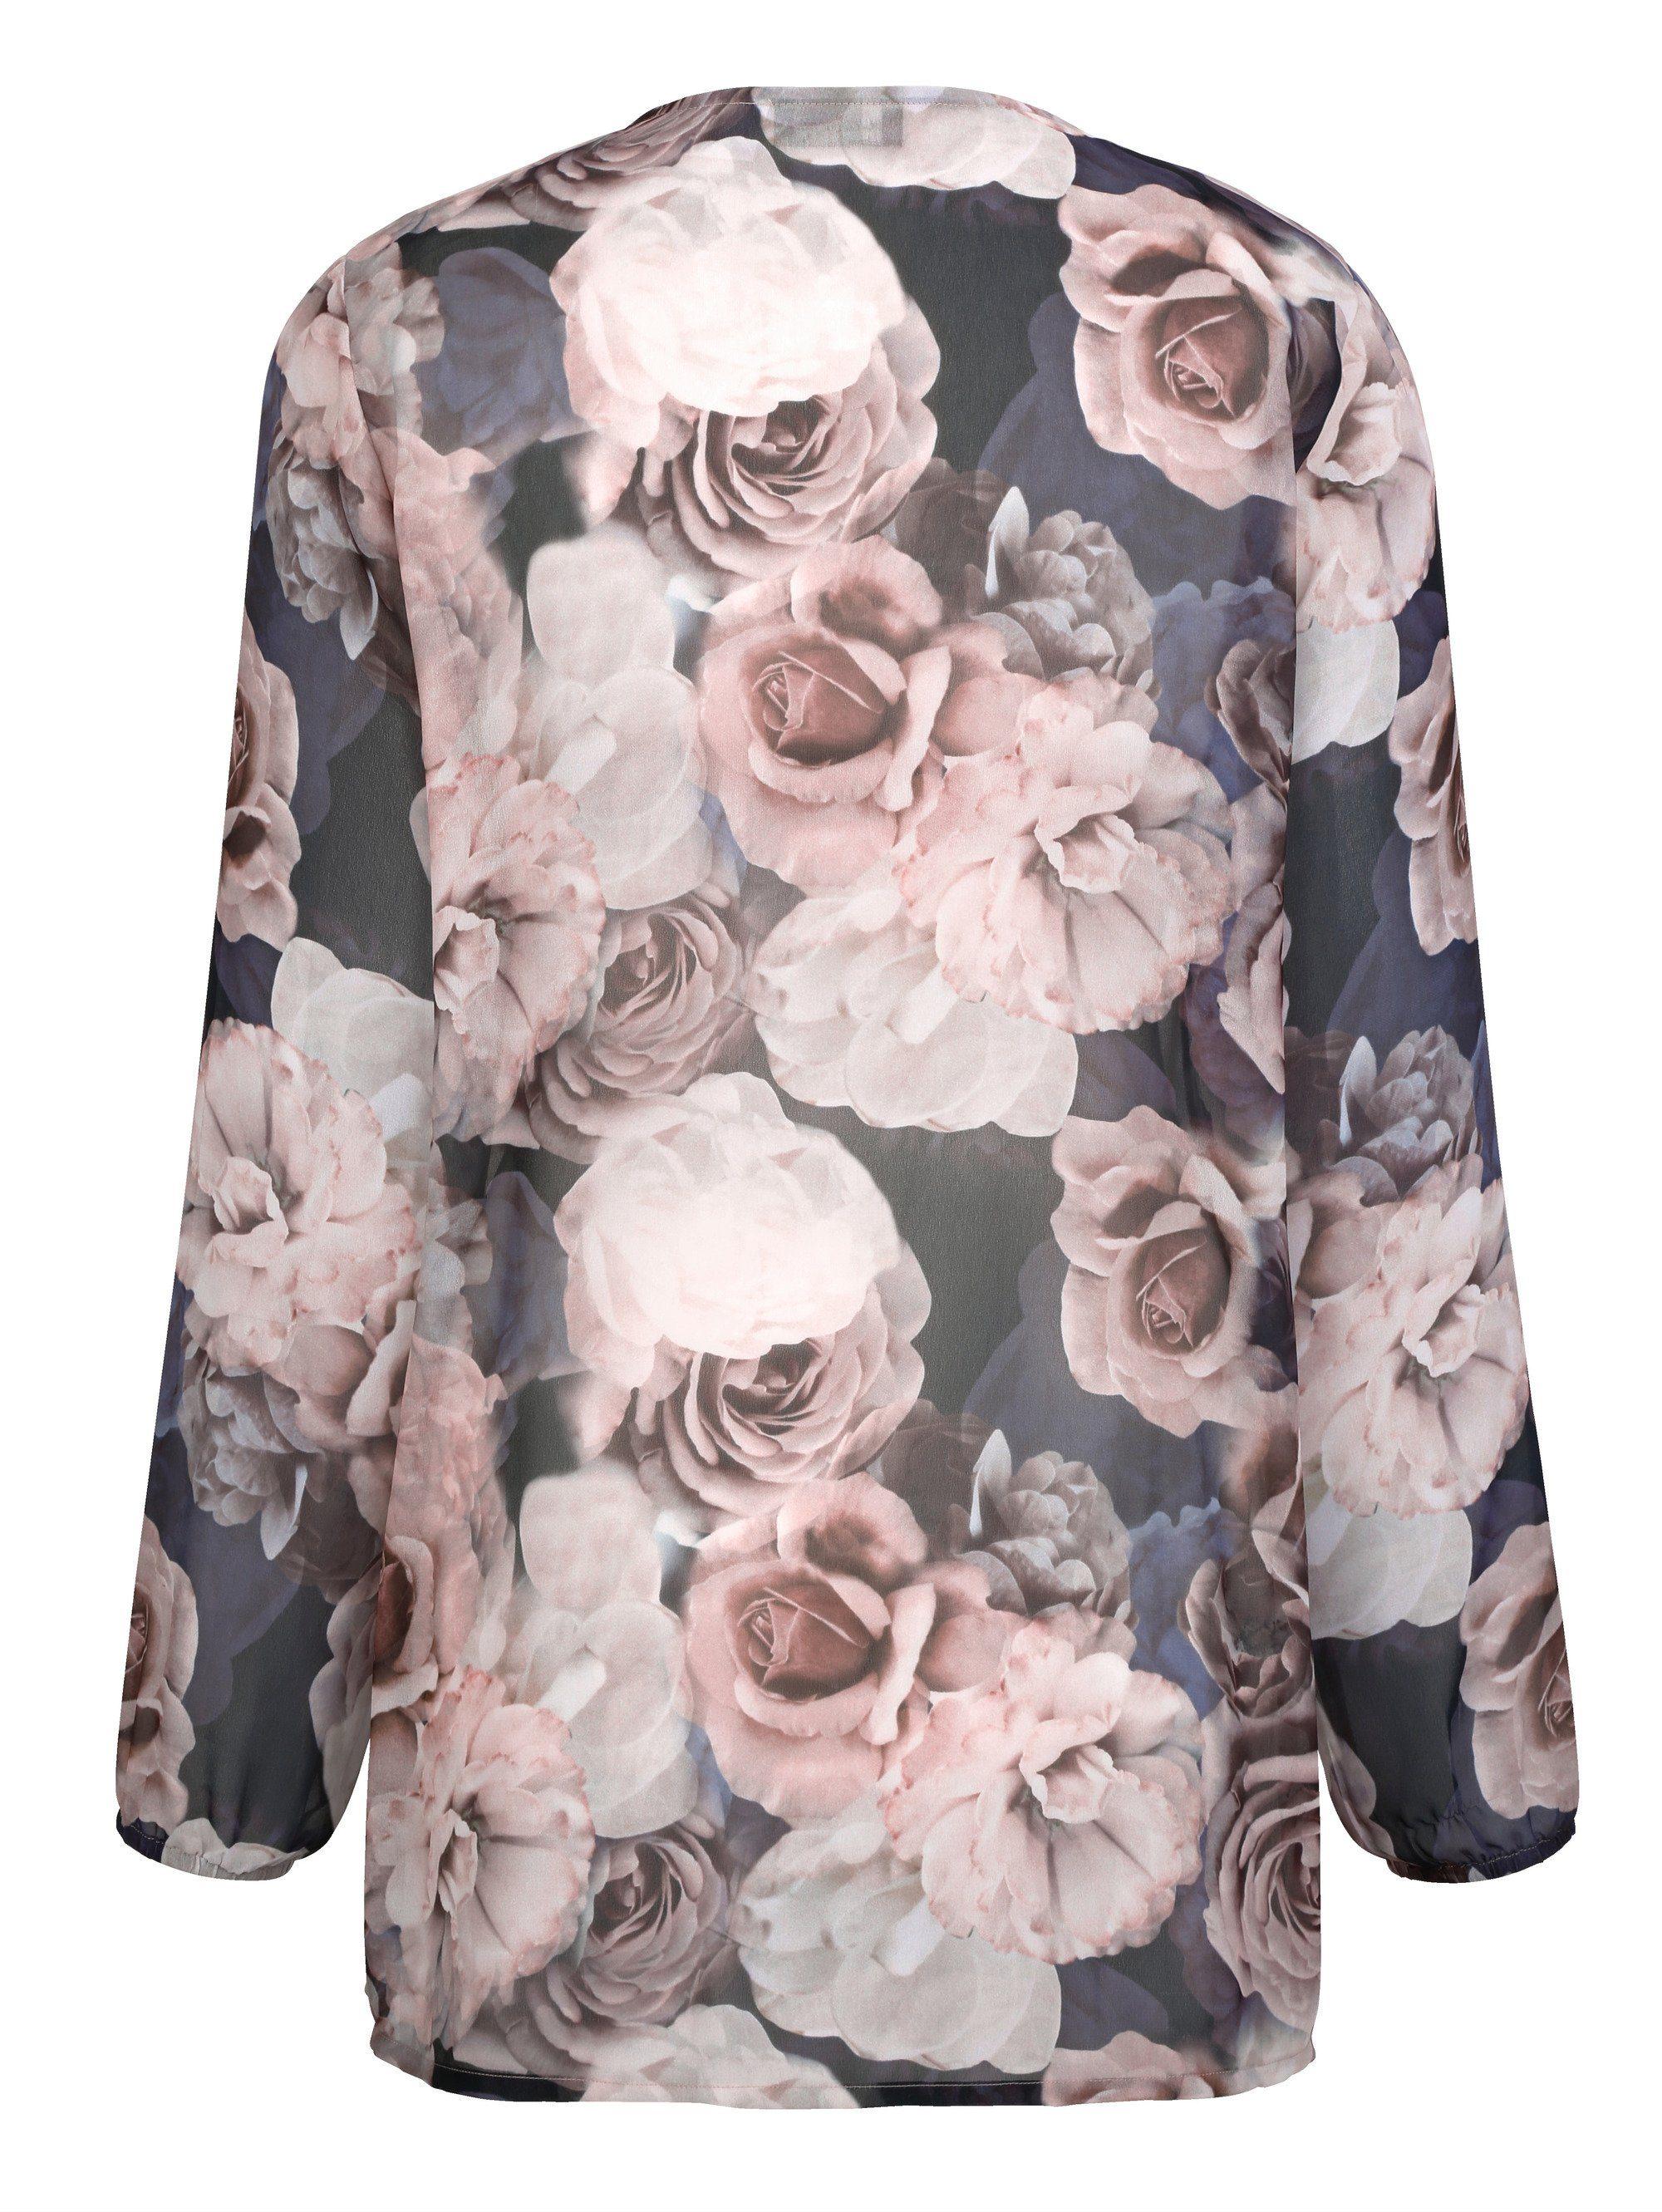 m collection Bluse rundum mit Blumenmuster